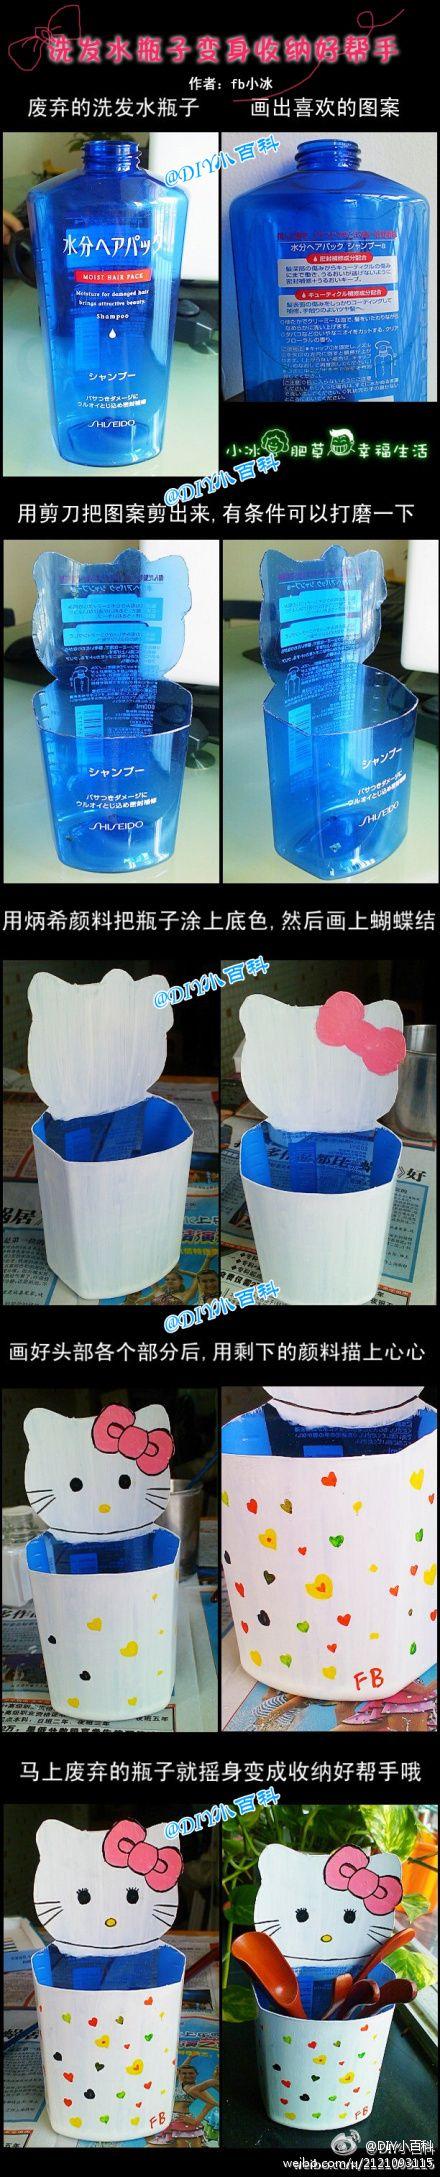 Reciclando botellas de plástico con forma de Kitty: